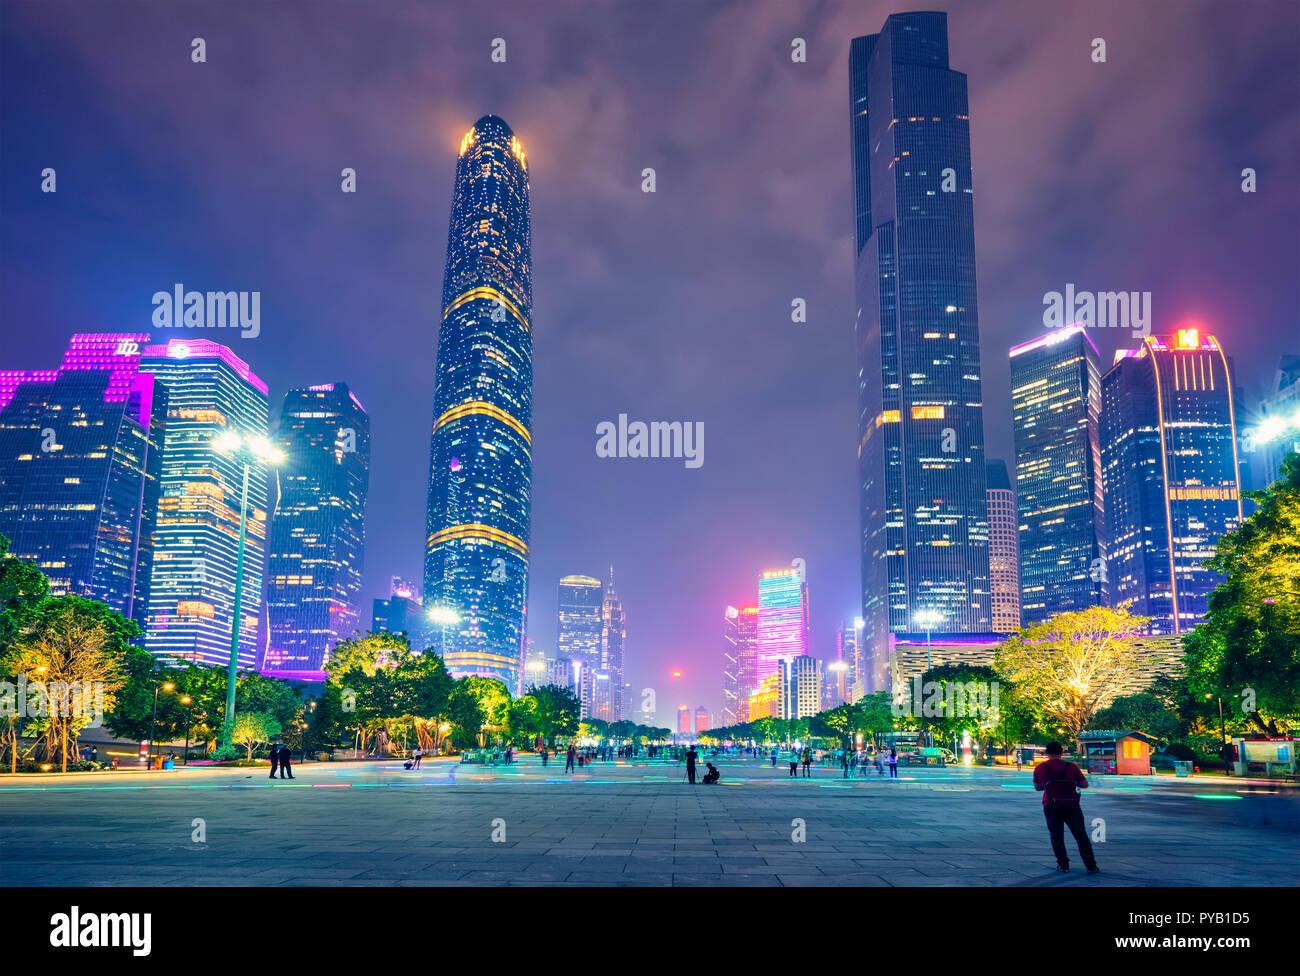 Guangzhou skyline. Guangzhou, China - Stock Image